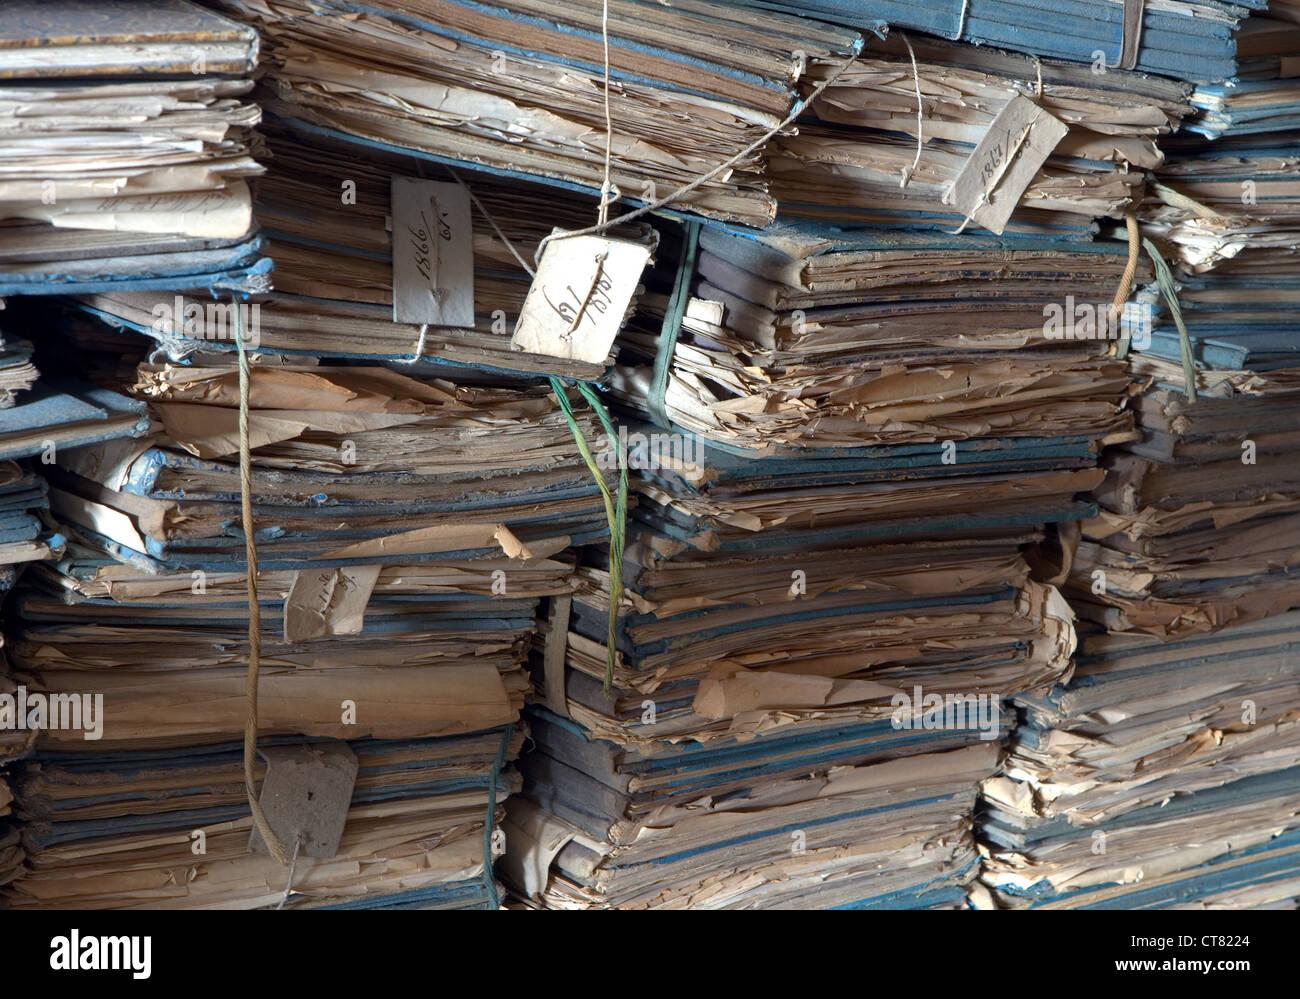 Archivar los archivos antiguos Imagen De Stock